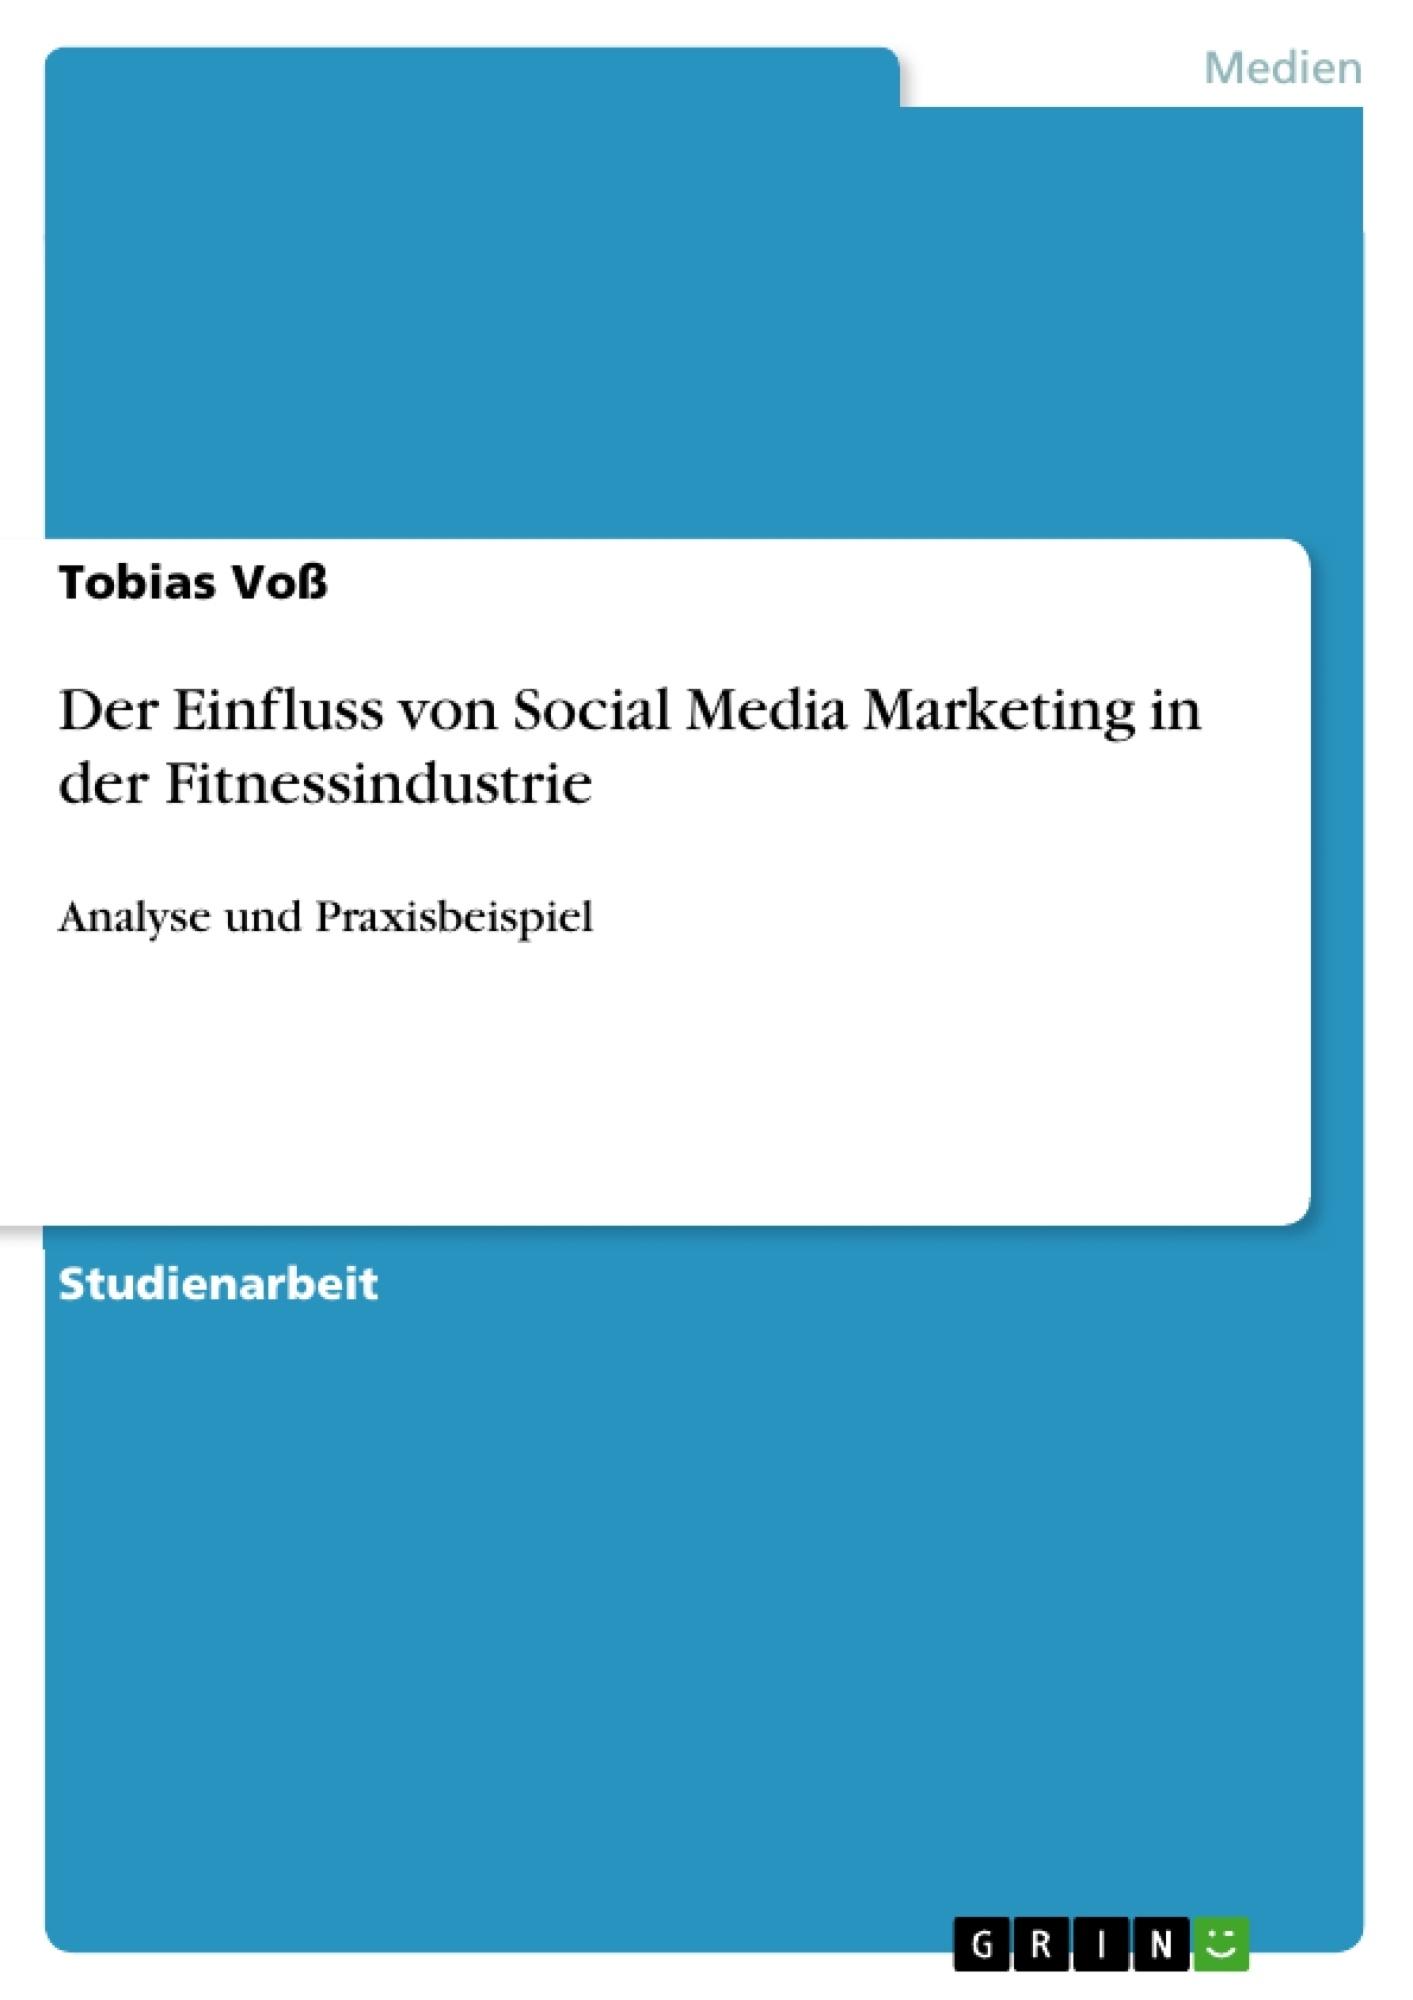 Titel: Der Einfluss von Social Media Marketing in der Fitnessindustrie